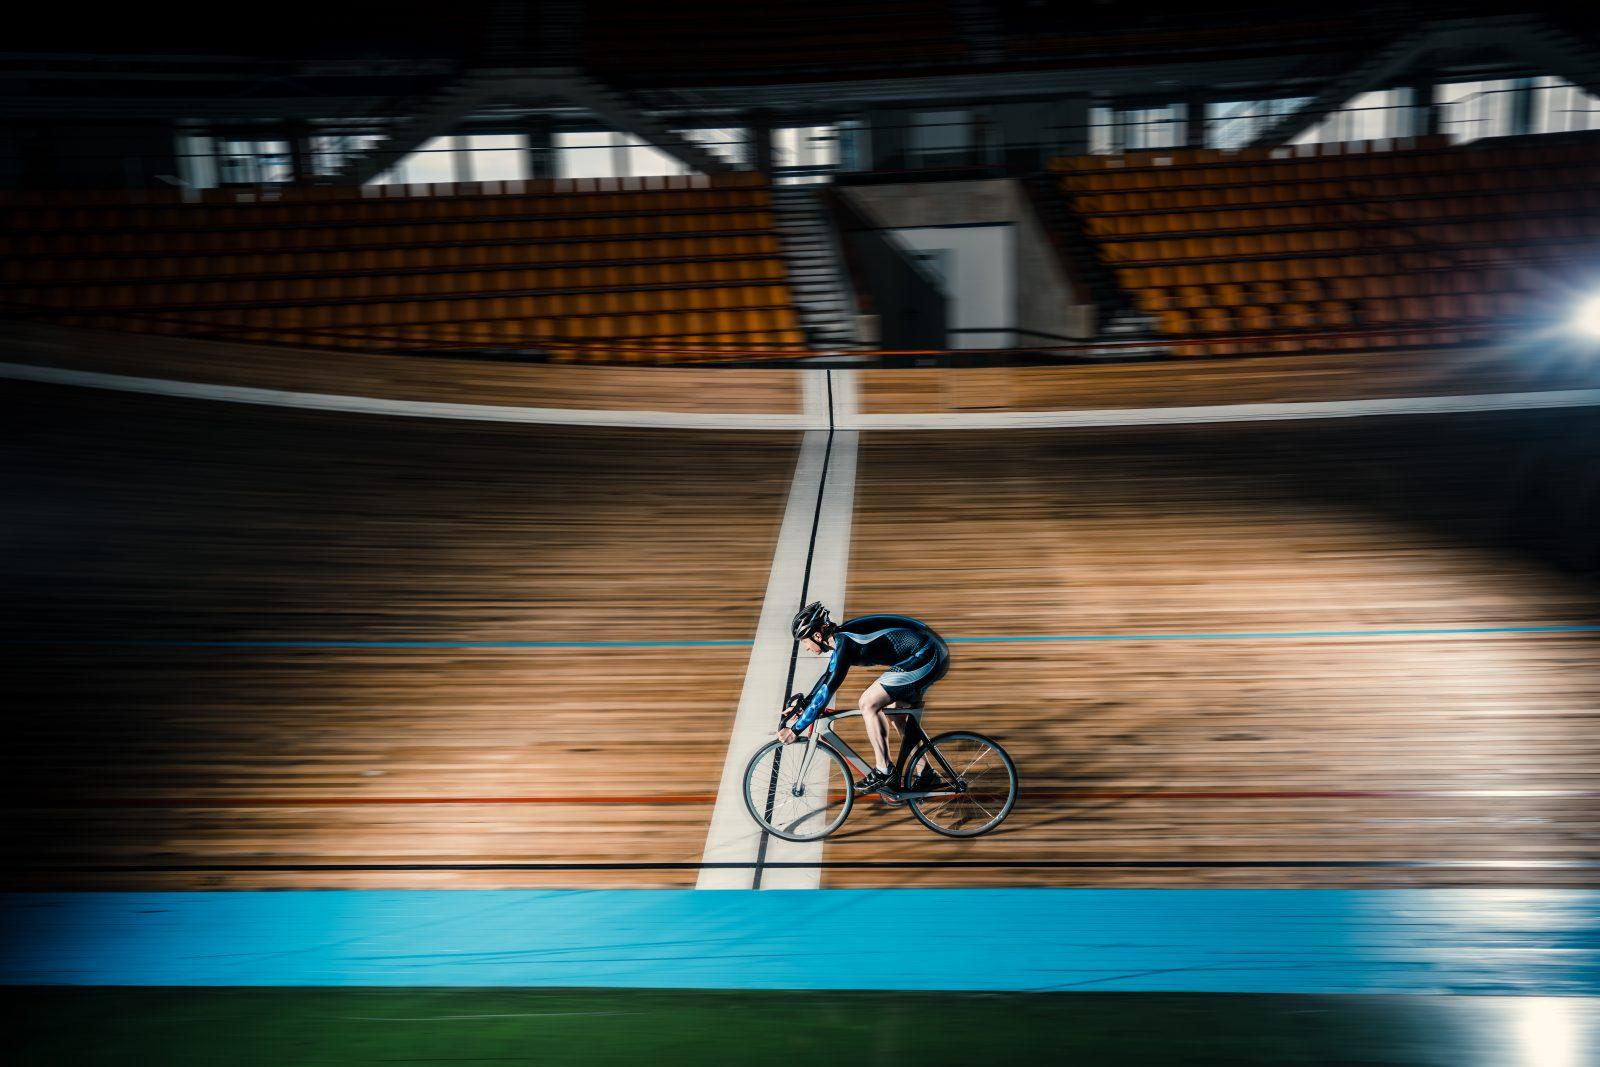 Leesfragment. Parijs-Roubaix. Wouter Weylandt